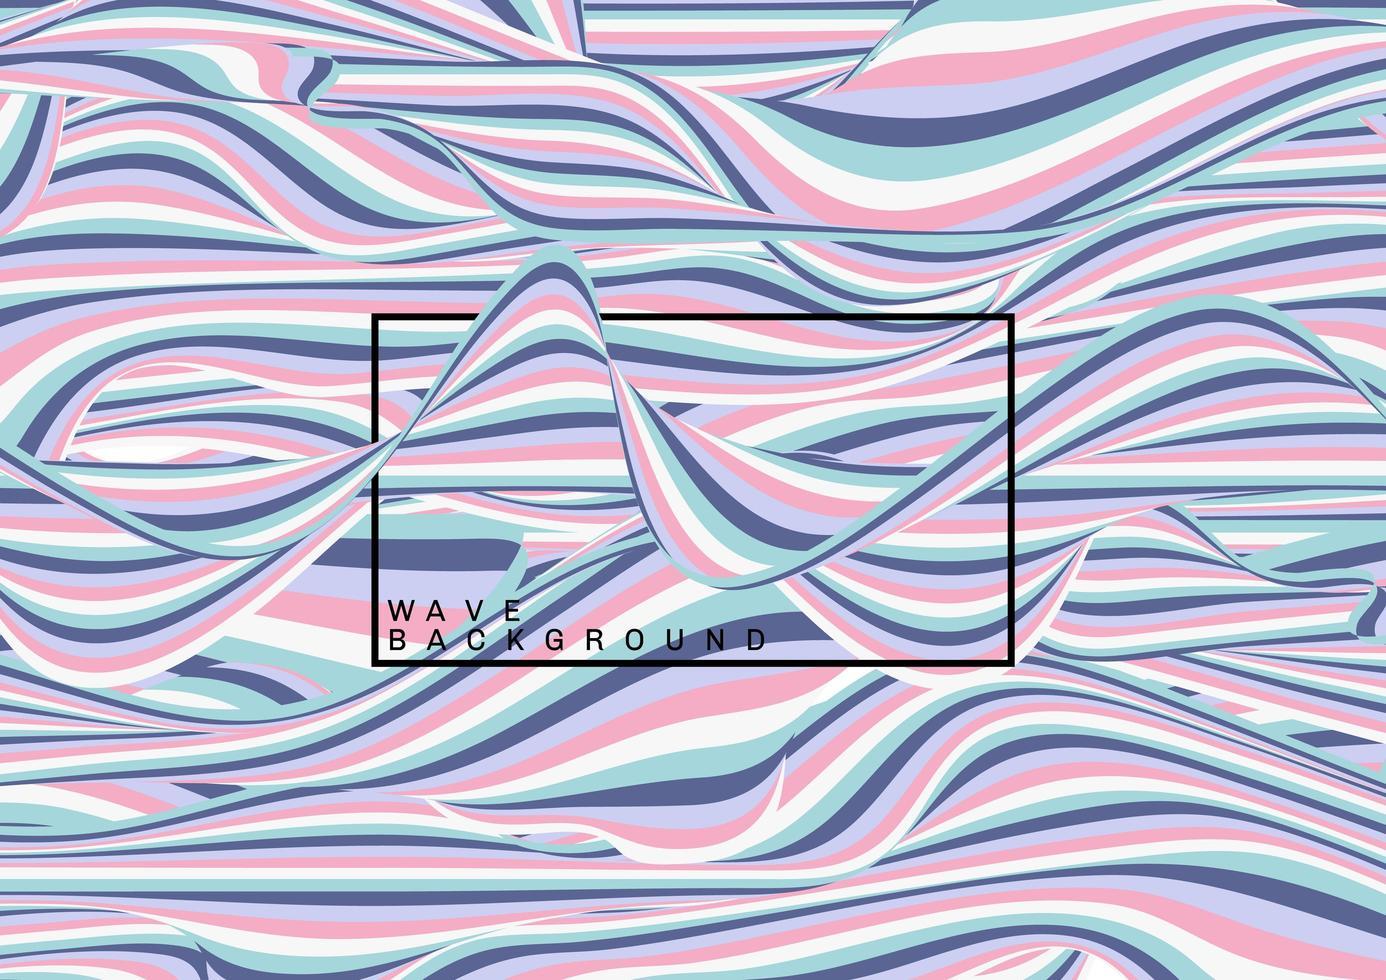 modello astratto linee d'onda di colore pastello vettore